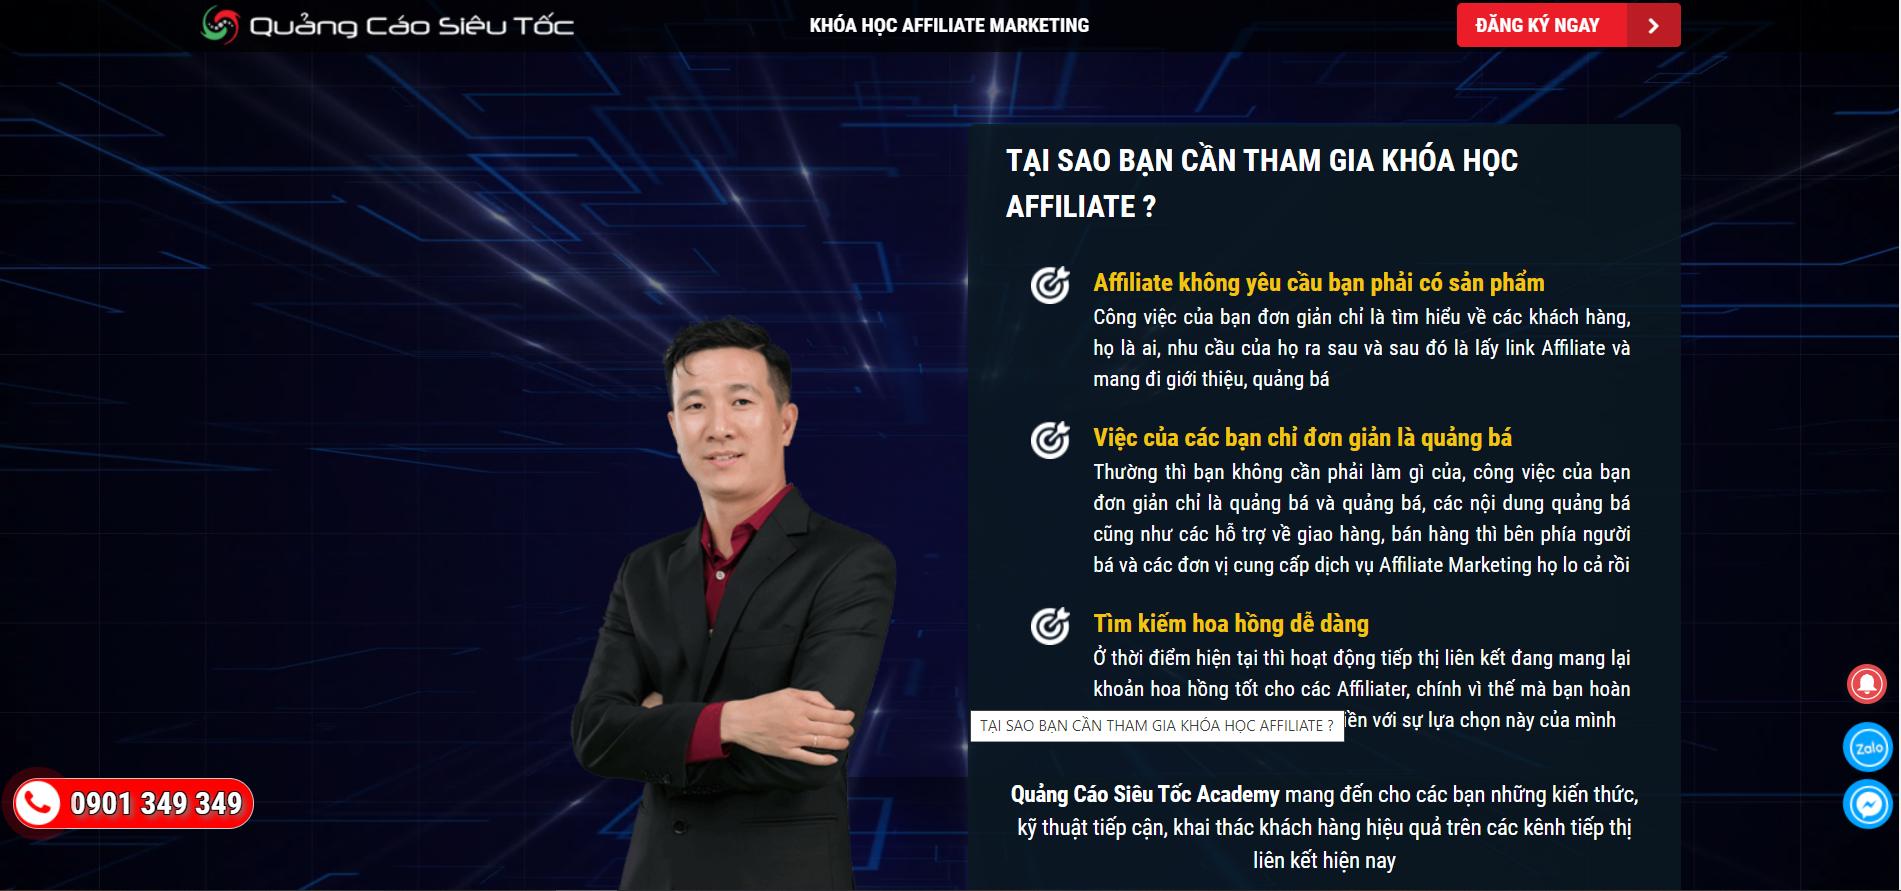 khoa-hoc-affiliate-marketing-voi-quang-cao-sieu-toc